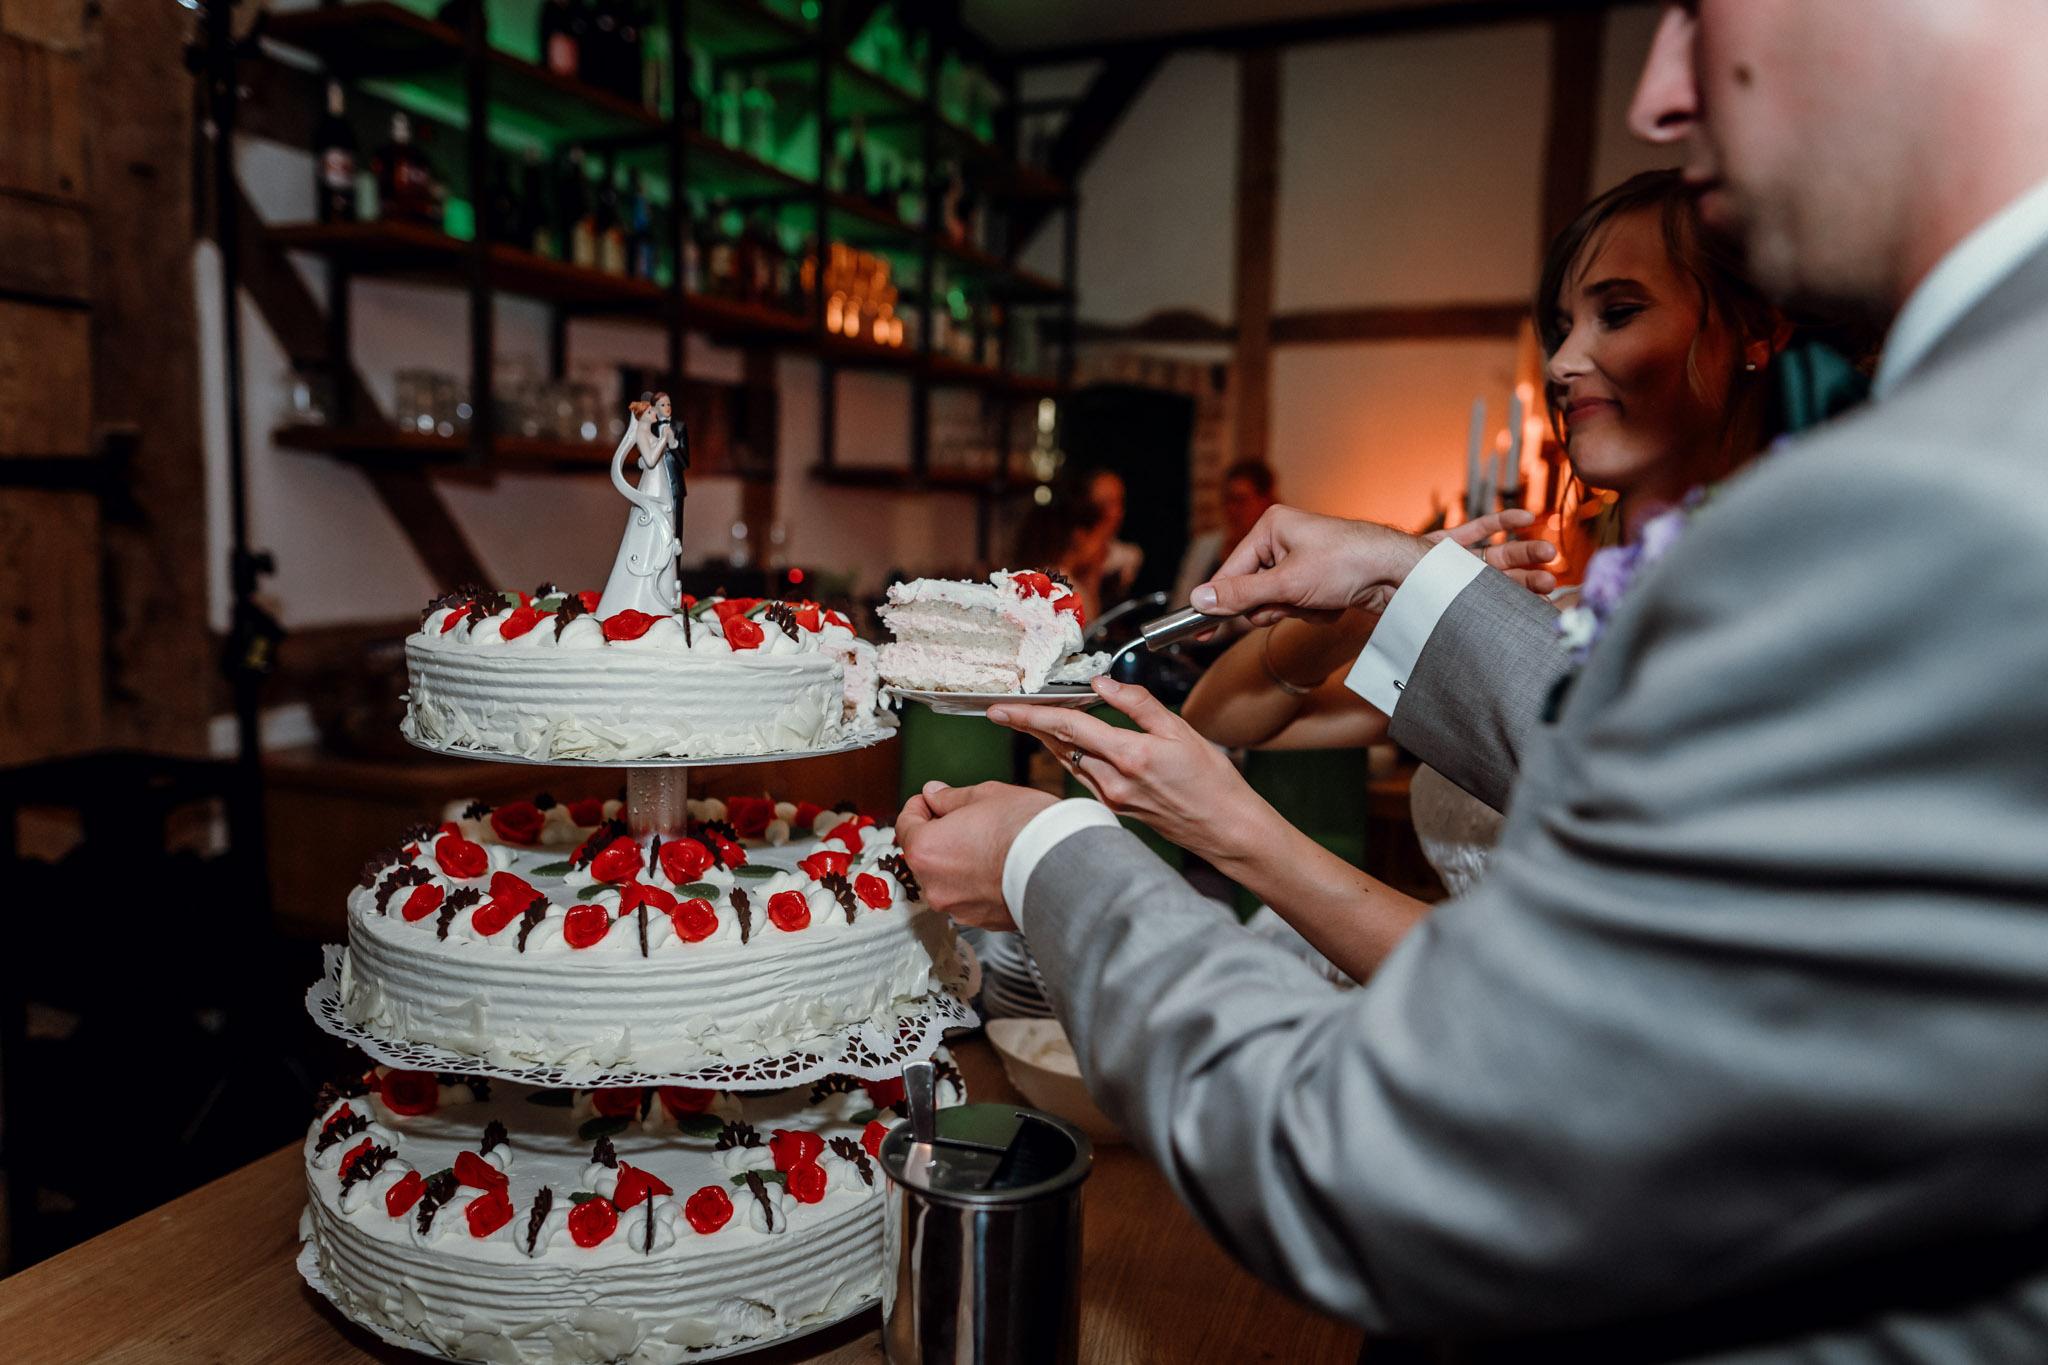 Sven Schomburg Hochzeitsfotografie, Hamburg, Mölln, Hochzeitsfieber by Photo-Schomburg, Hochzeitsreportage, Forsthaus Waldhusen, Braut, Bräutigam-87